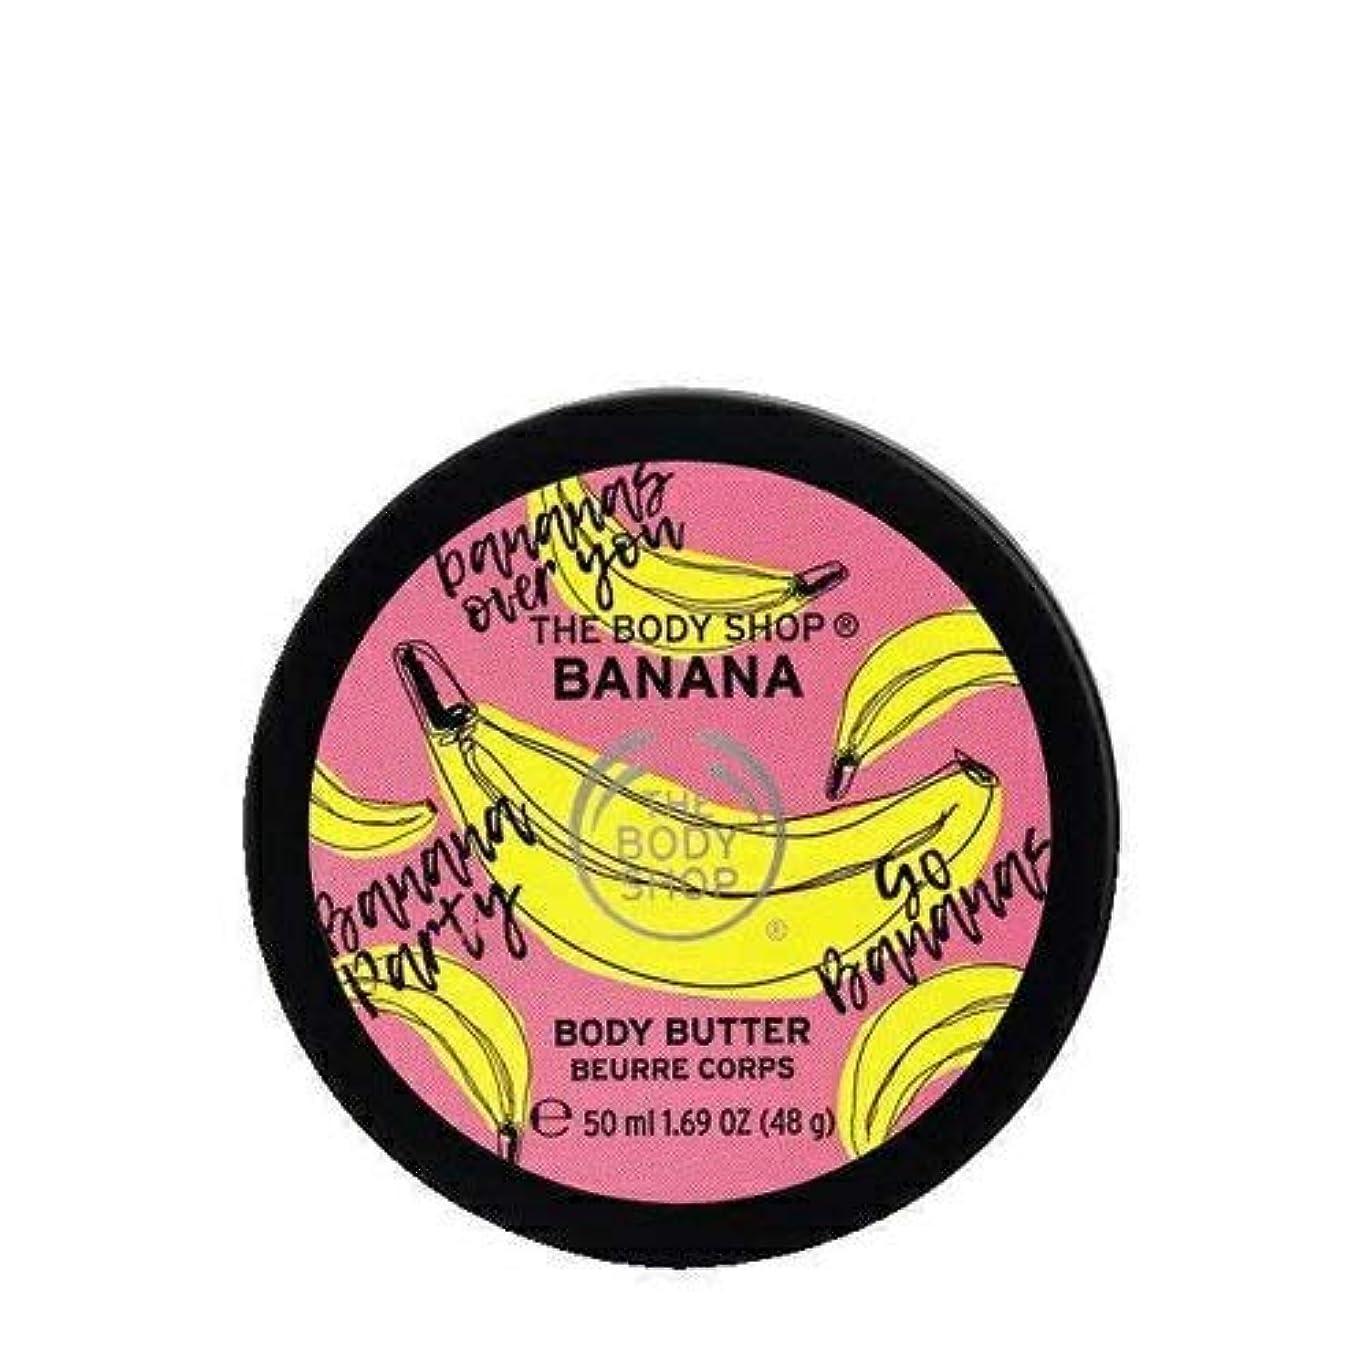 屋内で松の木フォージザ?ボディショップ ボディバター バナナ 50ml THE BODY SHOP BANANA BODY BUTTER [3311] [並行輸入品]